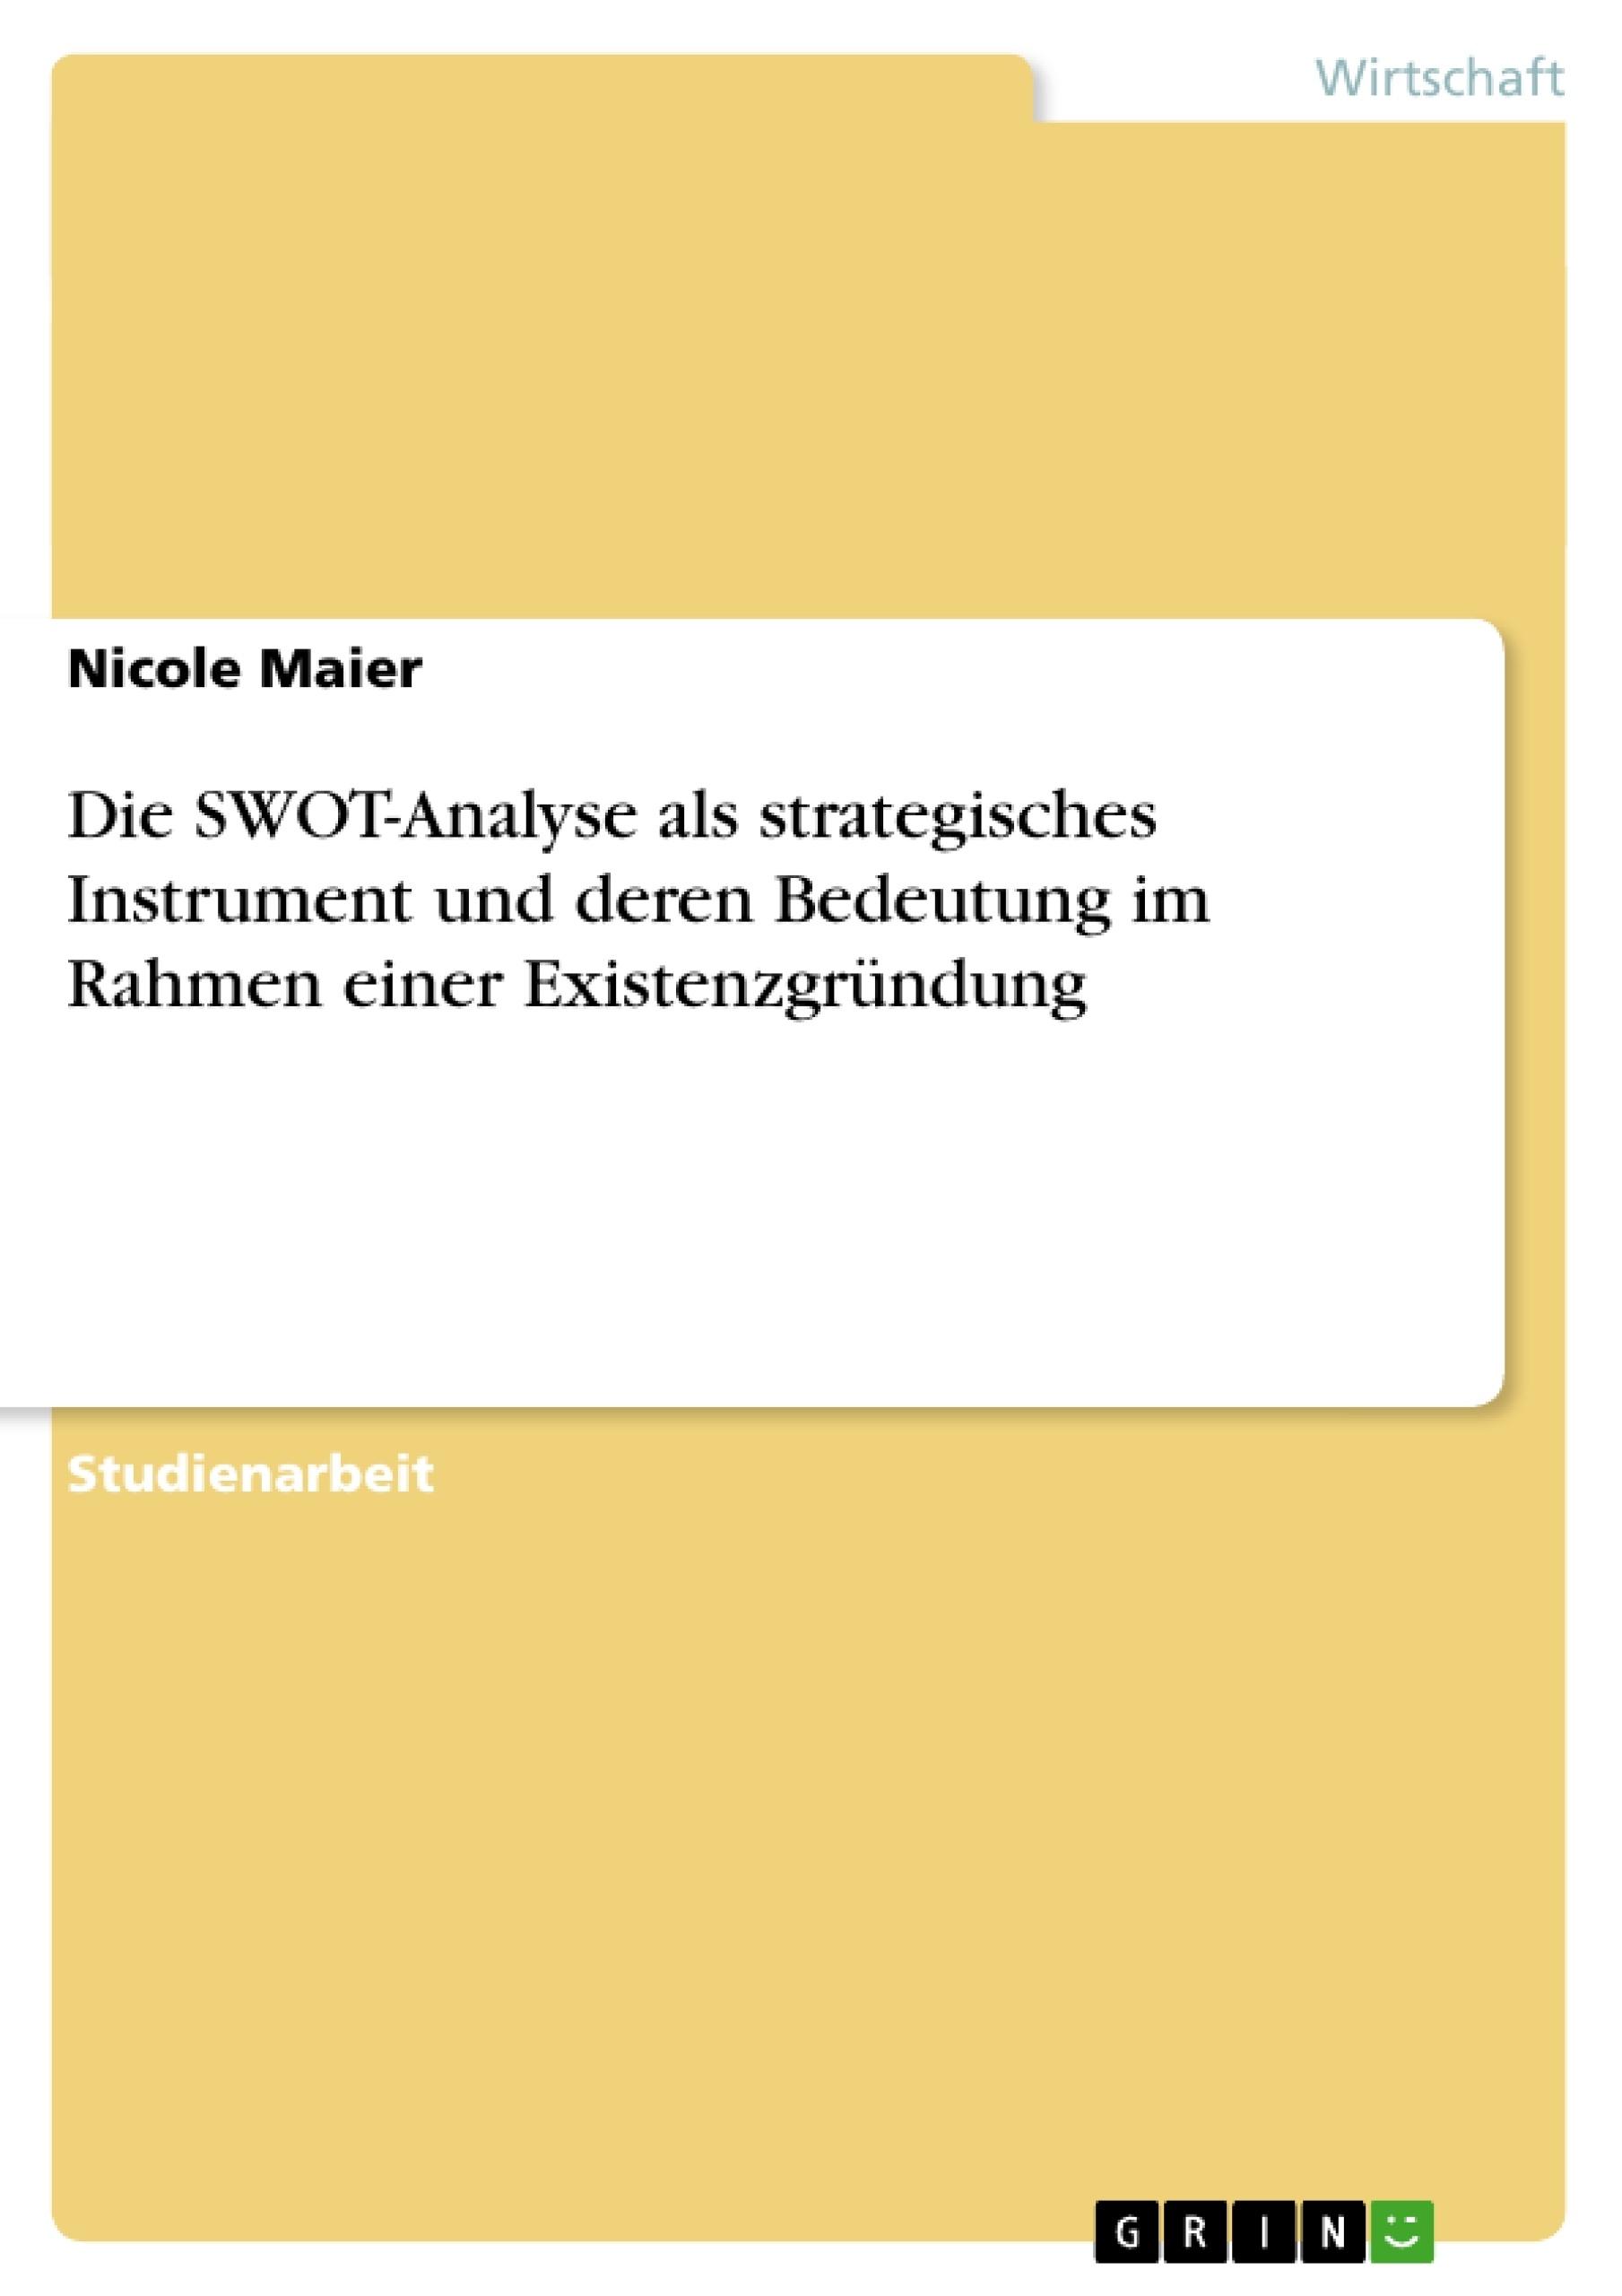 Titel: Die SWOT-Analyse als strategisches Instrument und deren Bedeutung im Rahmen einer Existenzgründung